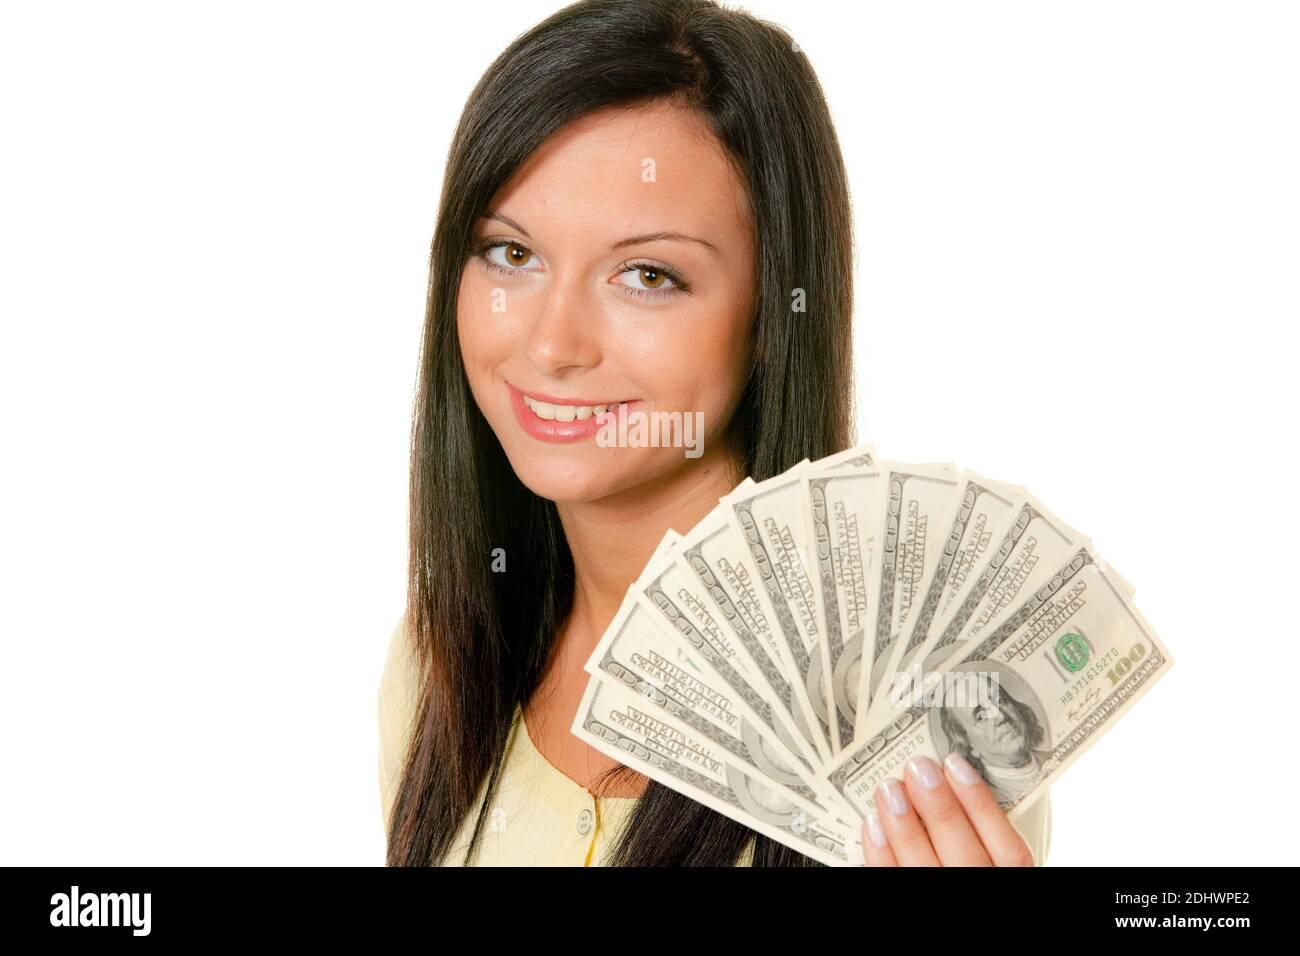 Junge Frau mit einem Bündel US-Dollars in der Hand Stock Photo